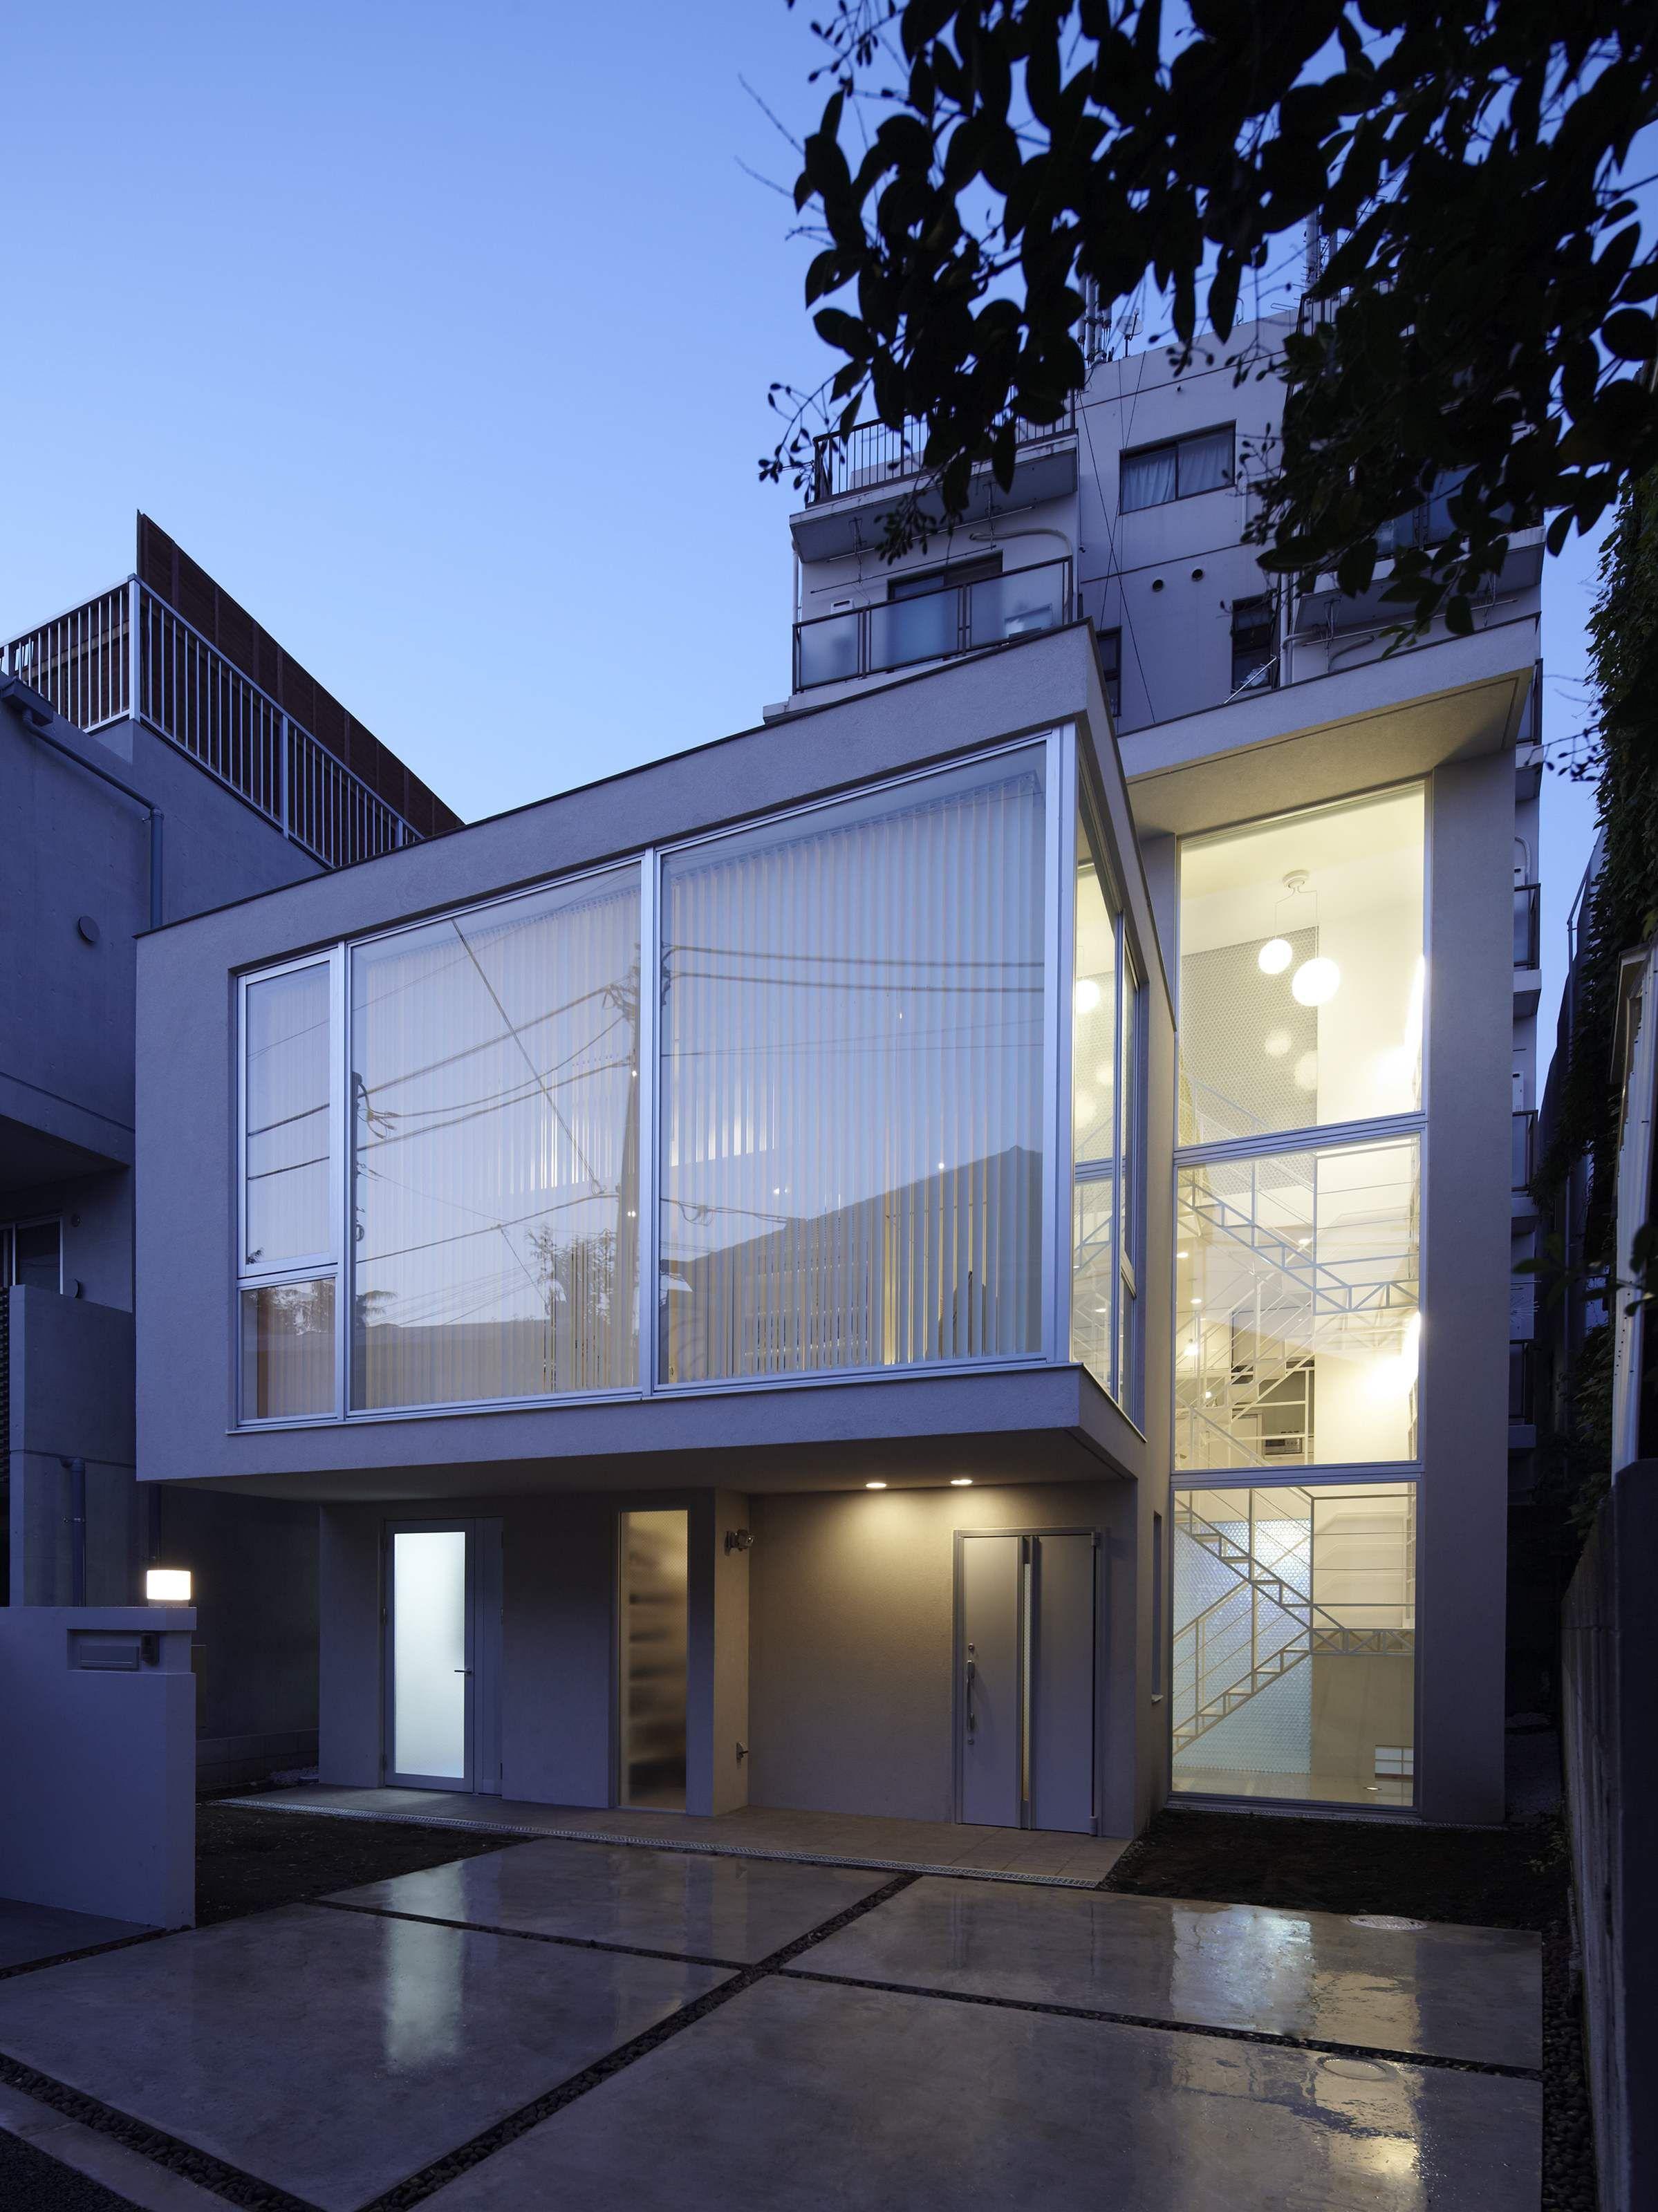 大きな窓の家 大きな窓 家 窓